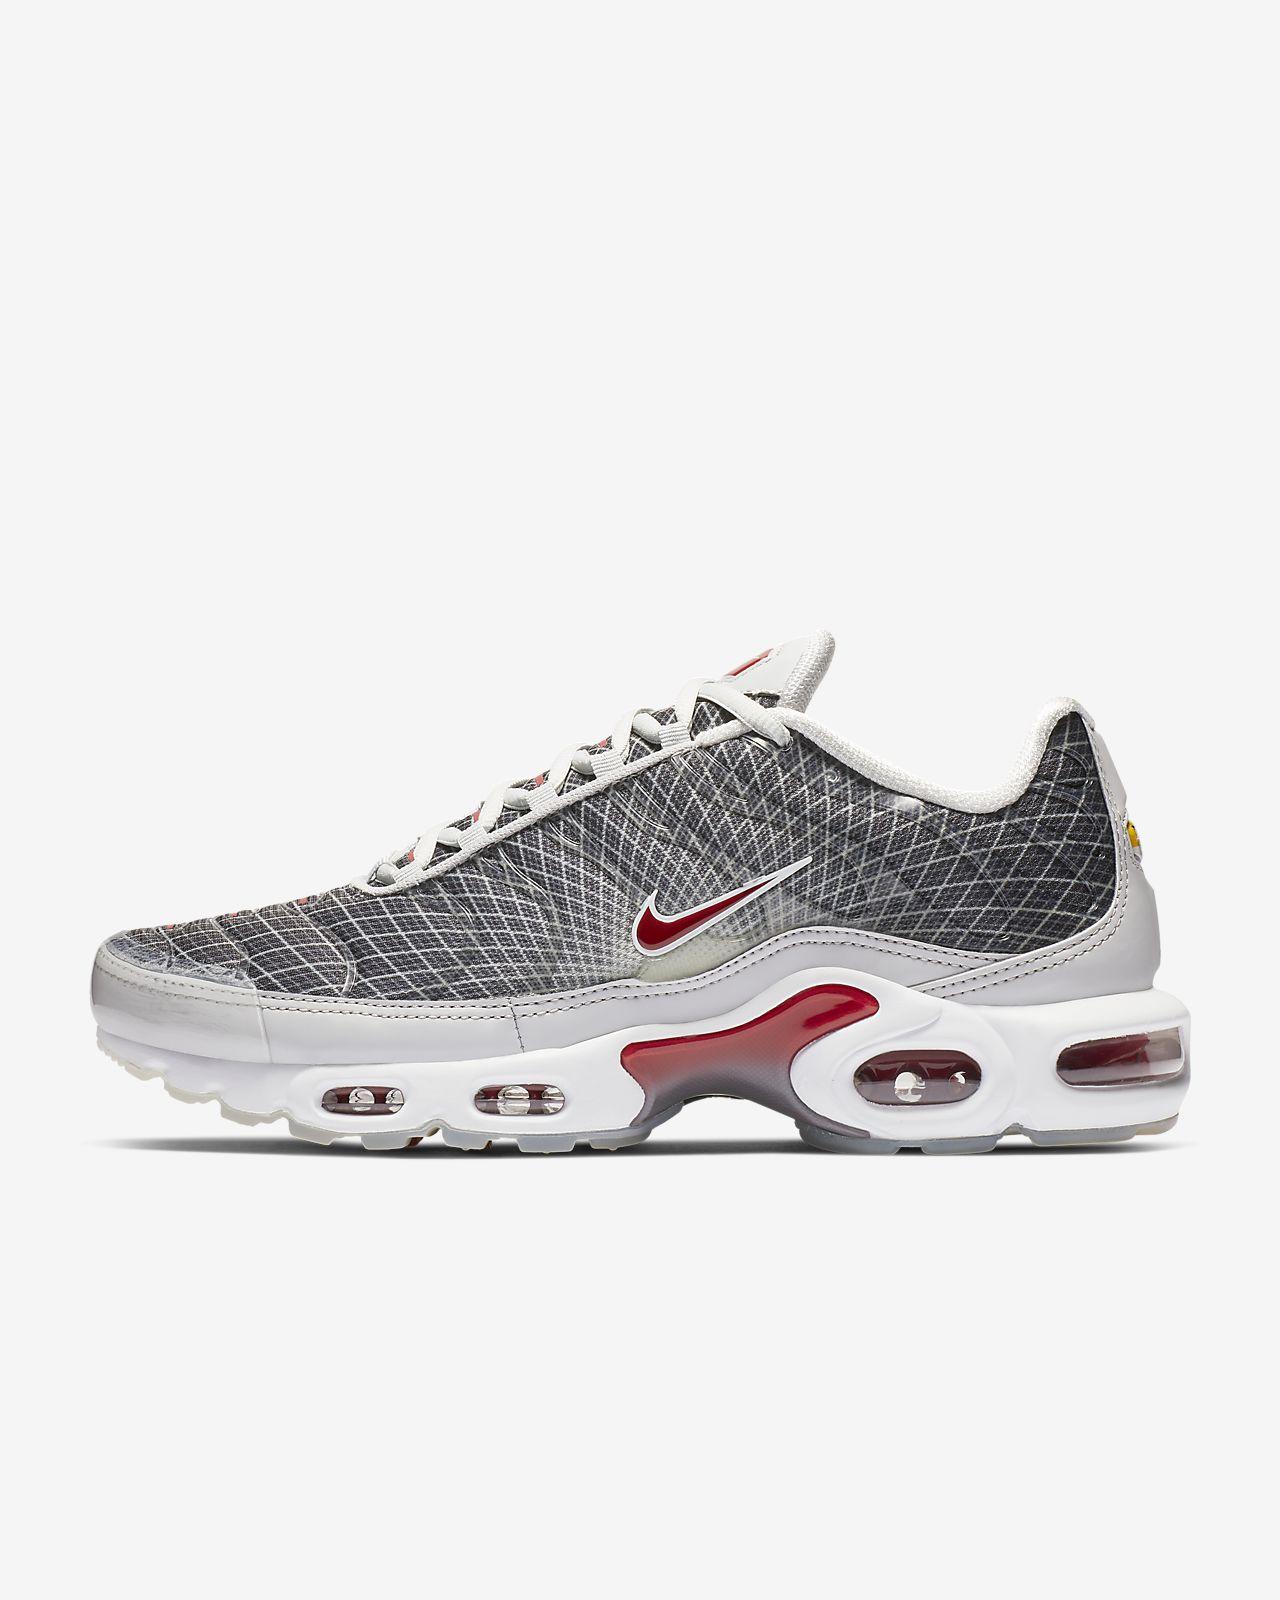 sports shoes a97ef 2da17 ... Chaussure Nike Air Max Plus OG